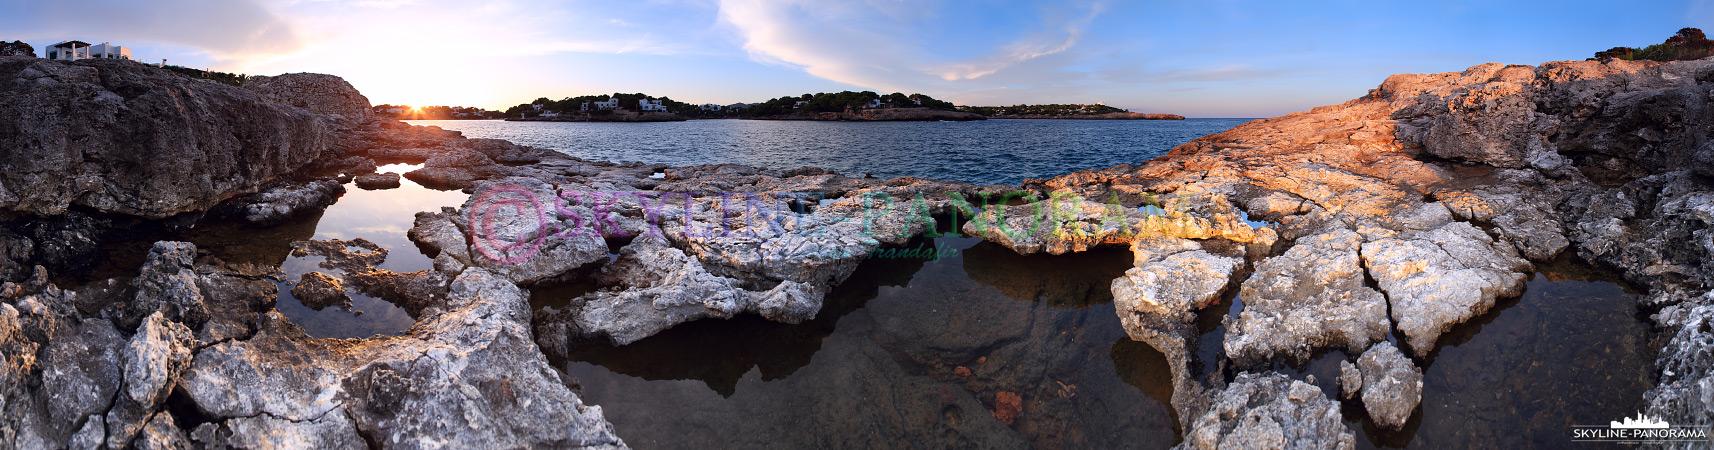 Die schroffen Felsen am Aussichtspunkt in der Nähe der Festung Es Forti, von hier aus hat man zum Sonnenuntergang einen schönen Blick auf die Buchten Calo d´Or.